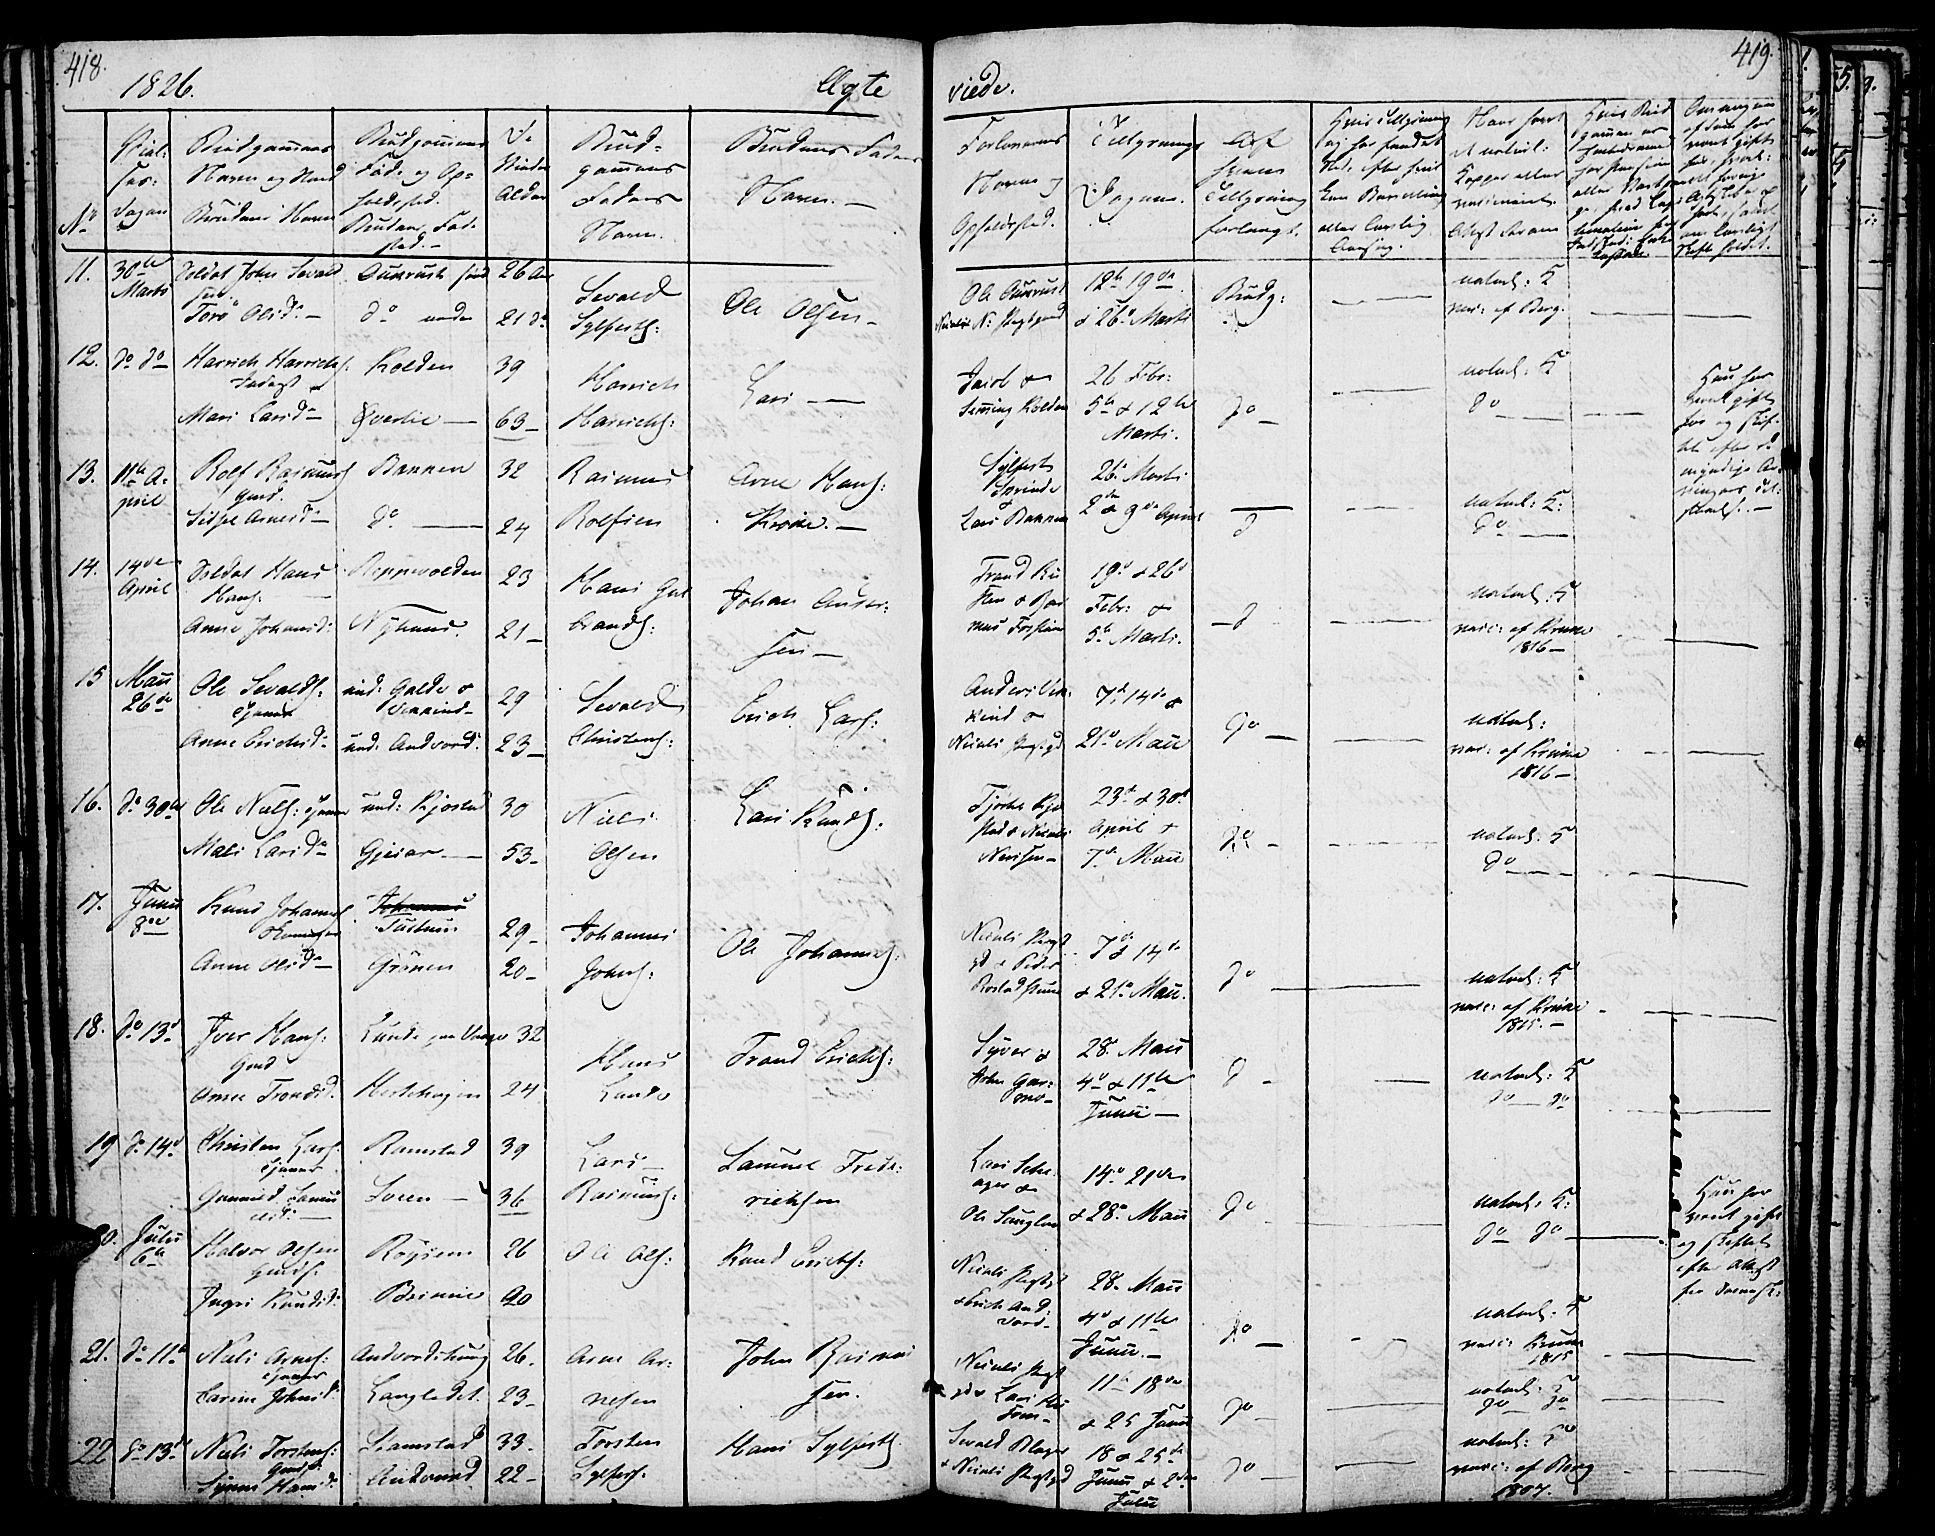 SAH, Lom prestekontor, K/L0005: Ministerialbok nr. 5, 1825-1837, s. 418-419